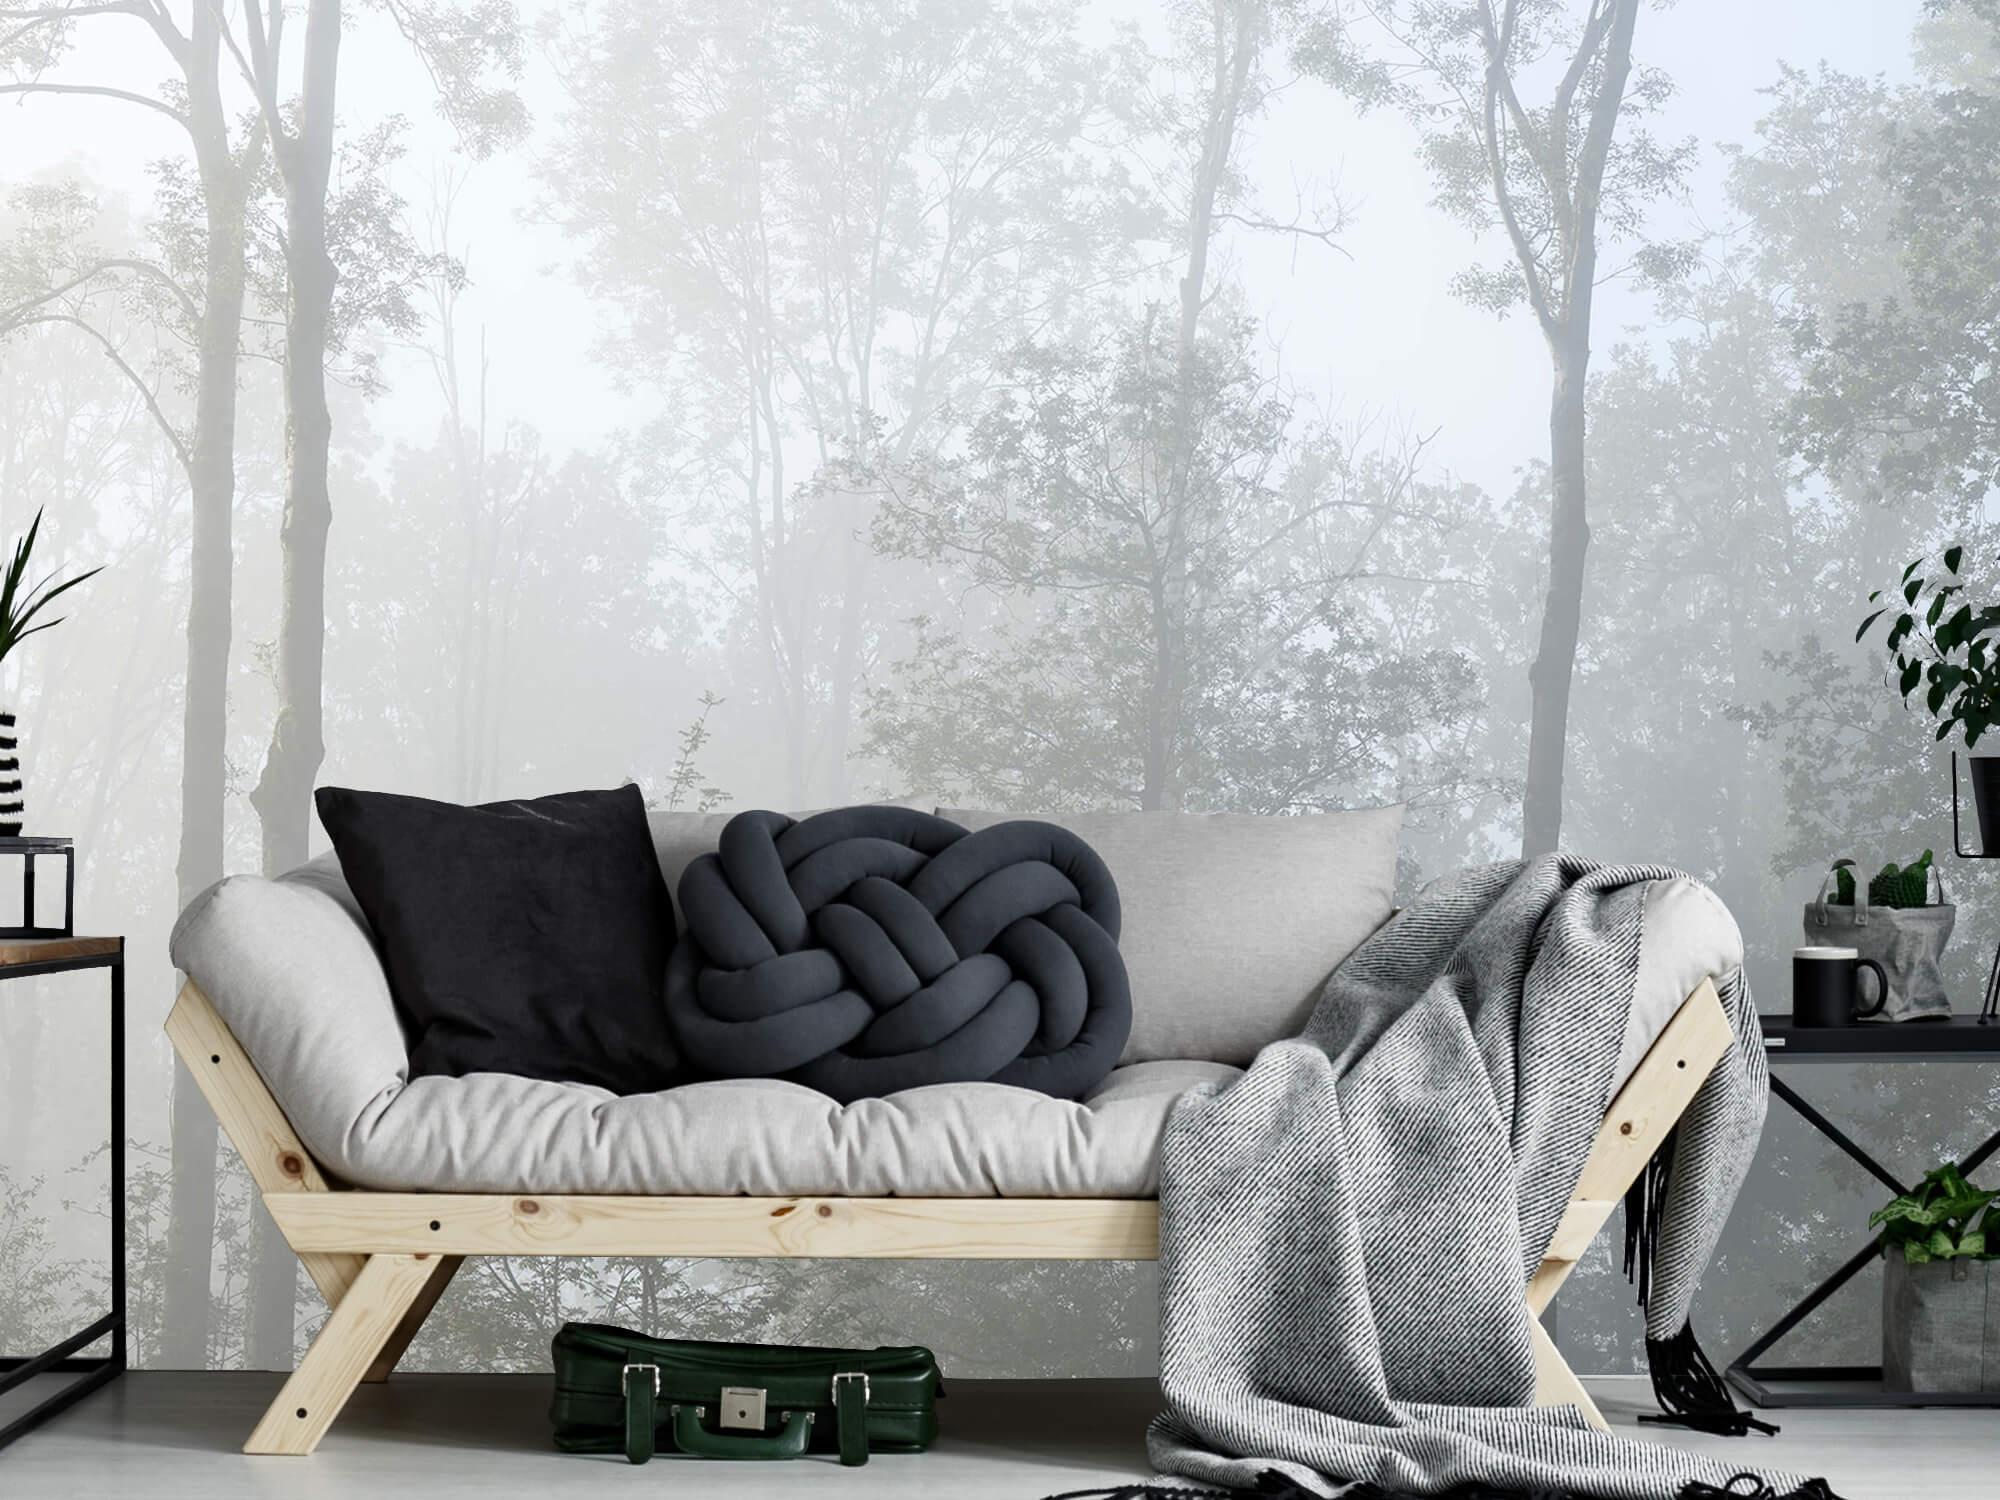 Bos behang Dichte mist in het bos 1